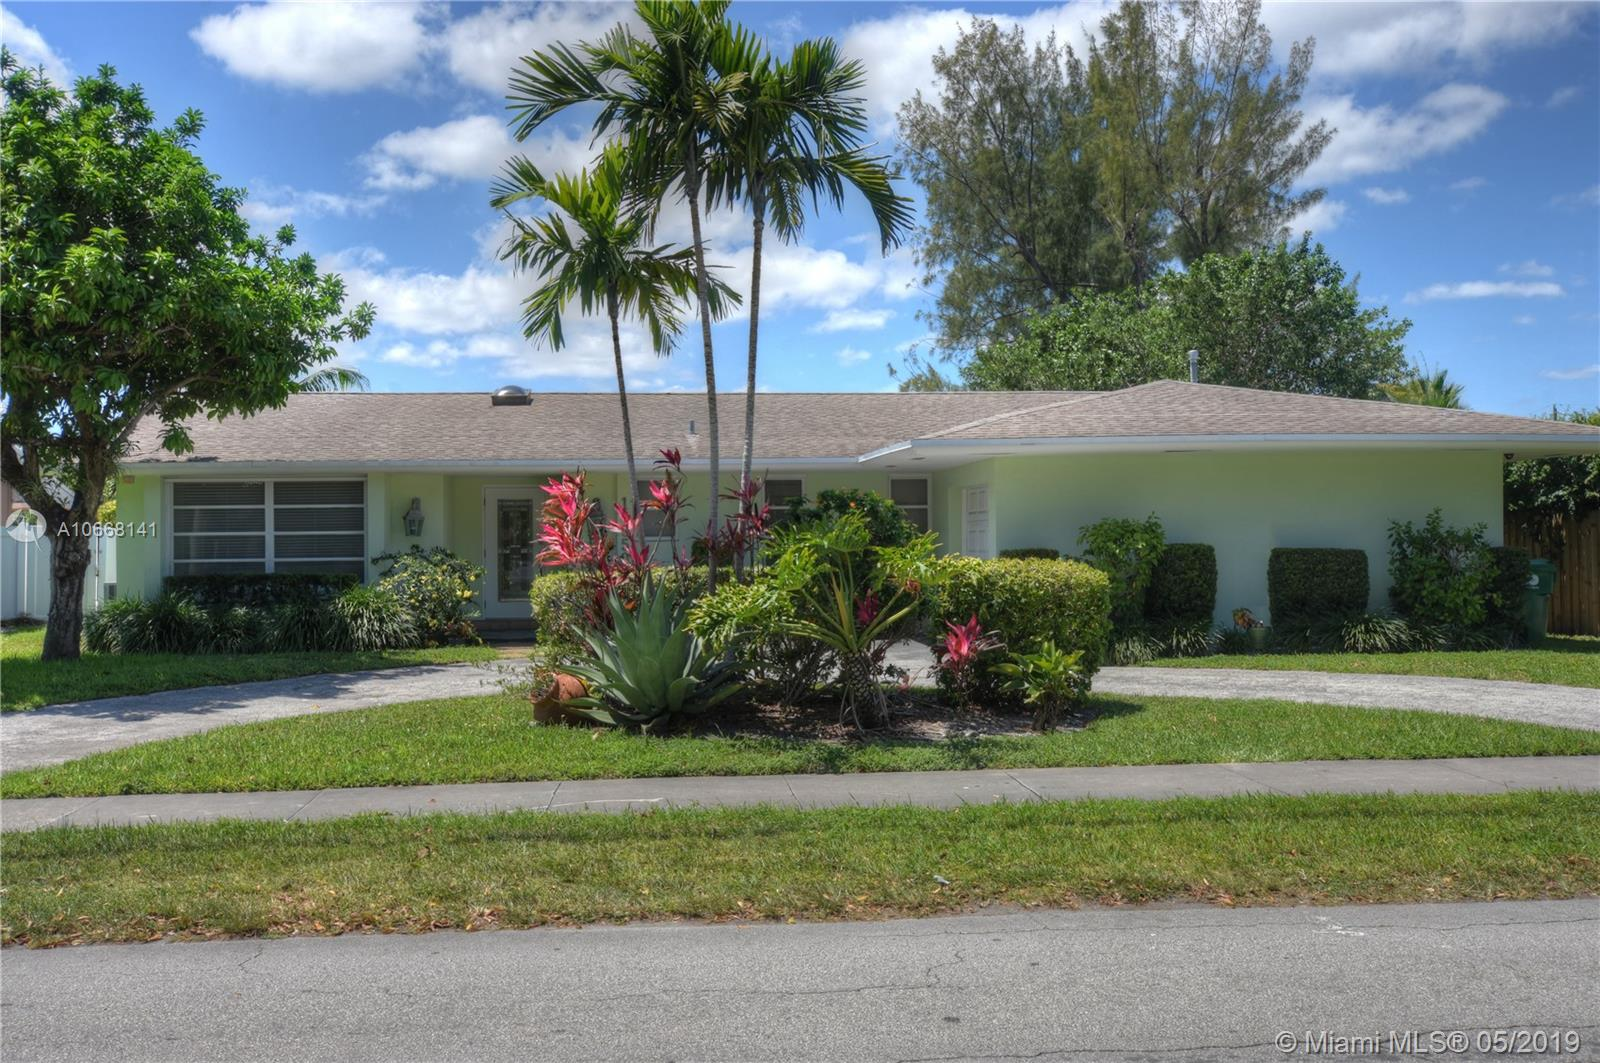 19950 NE 24th Ave - Miami, Florida